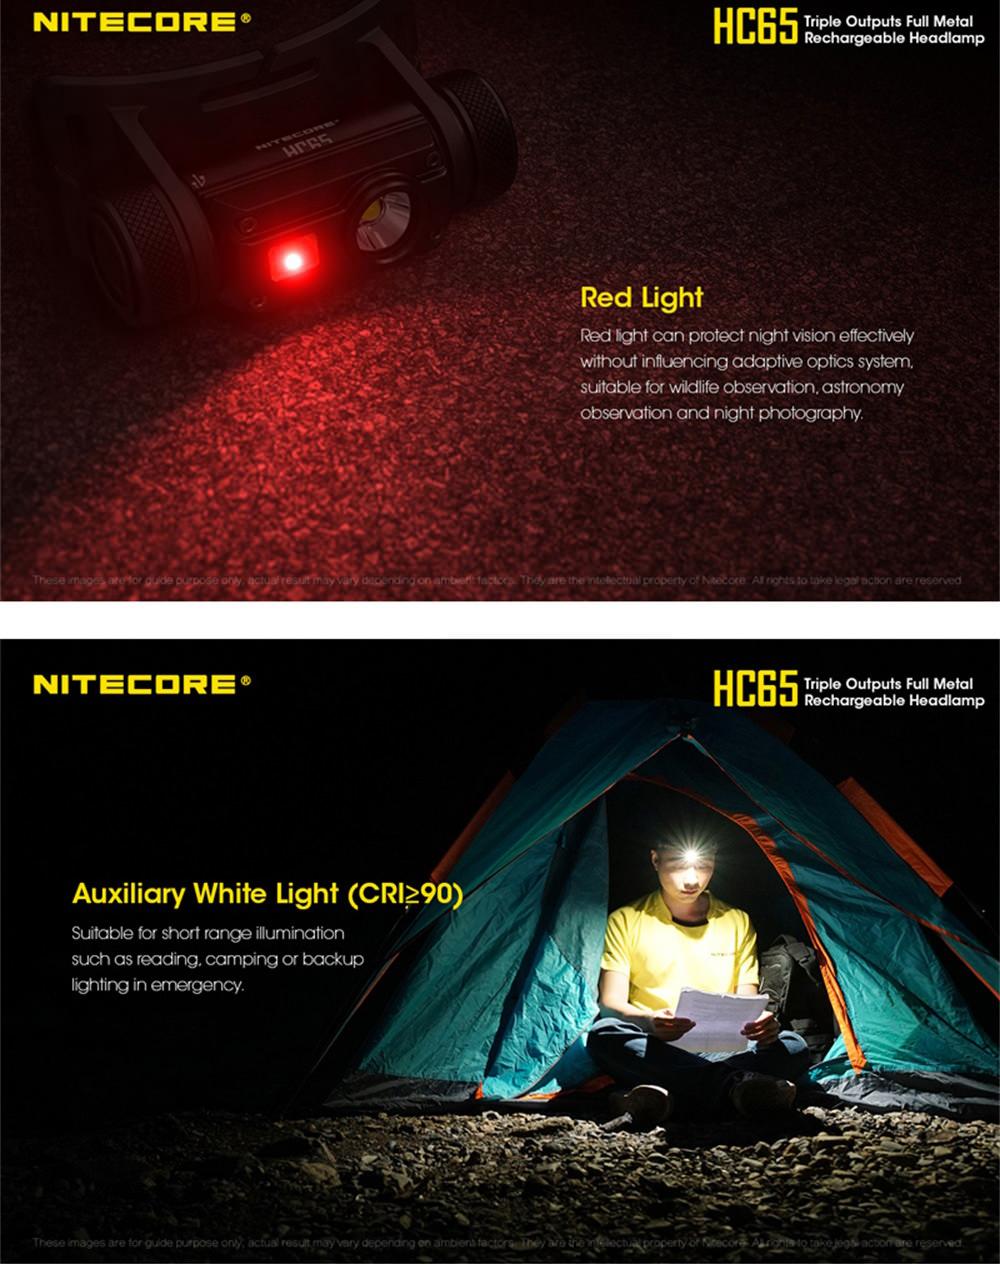 nitecore hc65 led headlamp